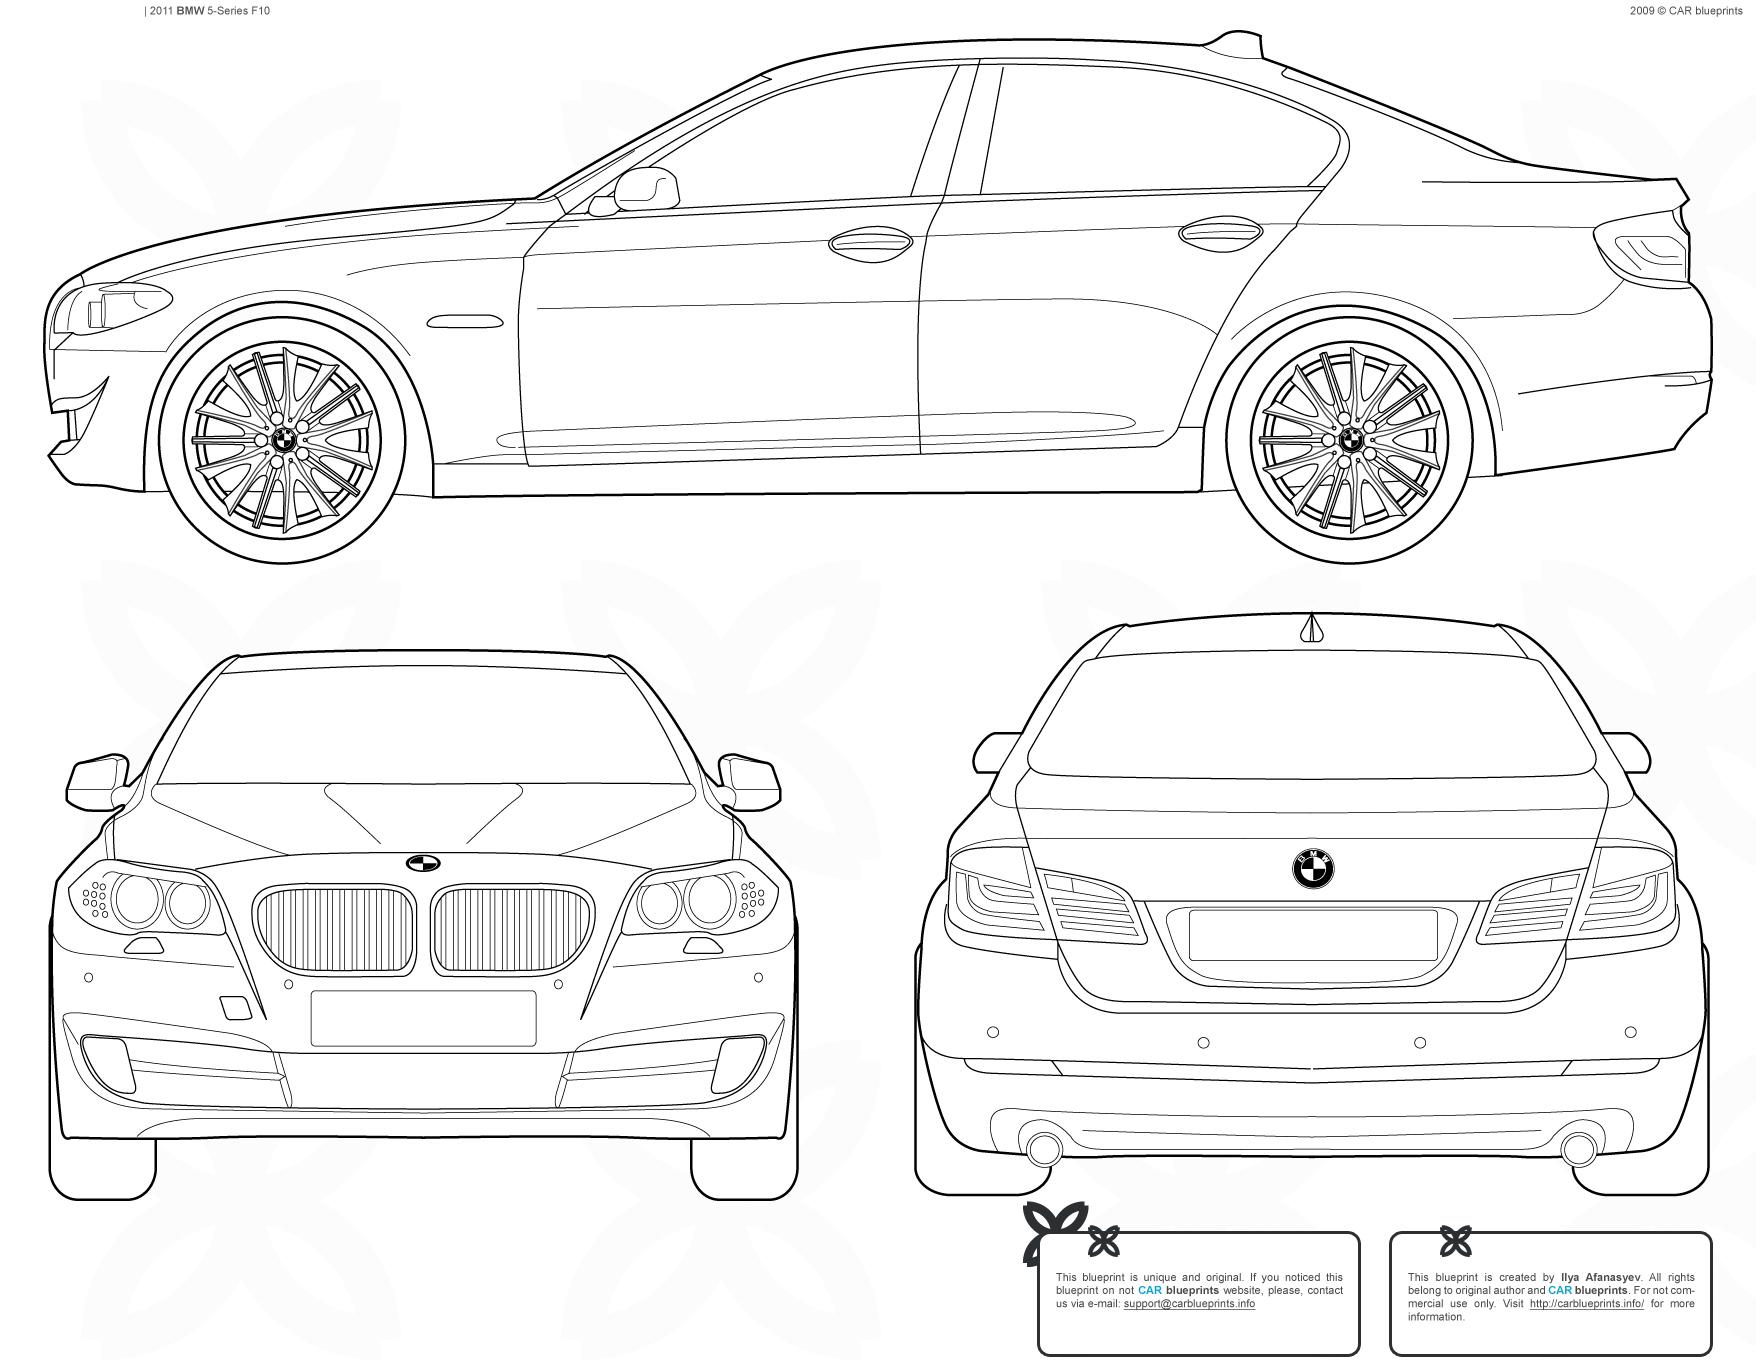 Bmw 5 Series F10 Sedan Blueprints Free